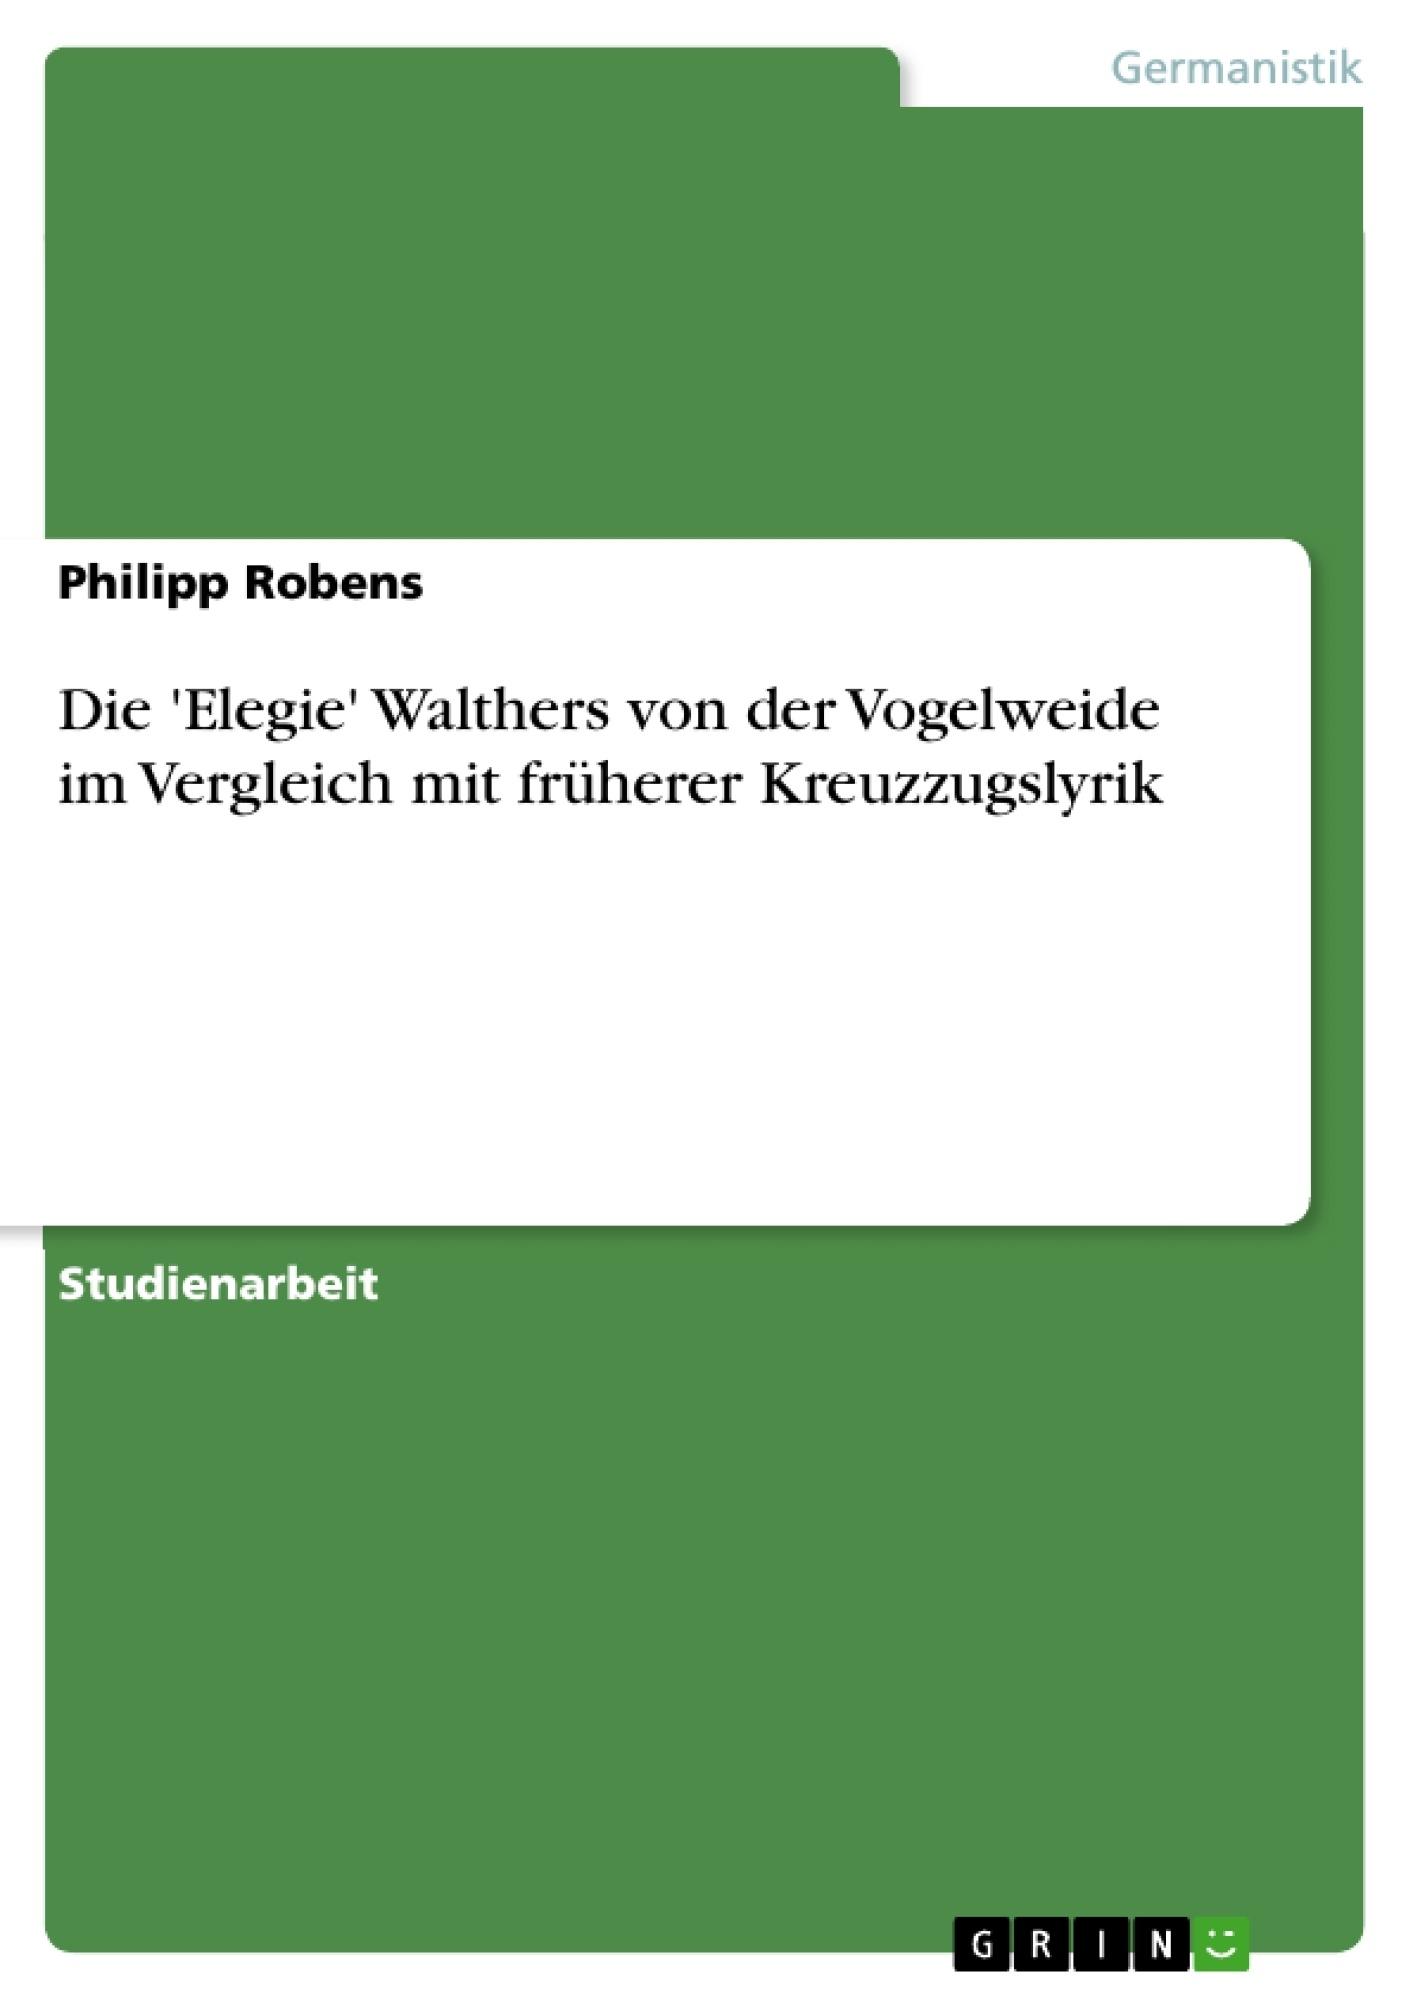 Titel: Die 'Elegie' Walthers von der Vogelweide im Vergleich mit früherer Kreuzzugslyrik